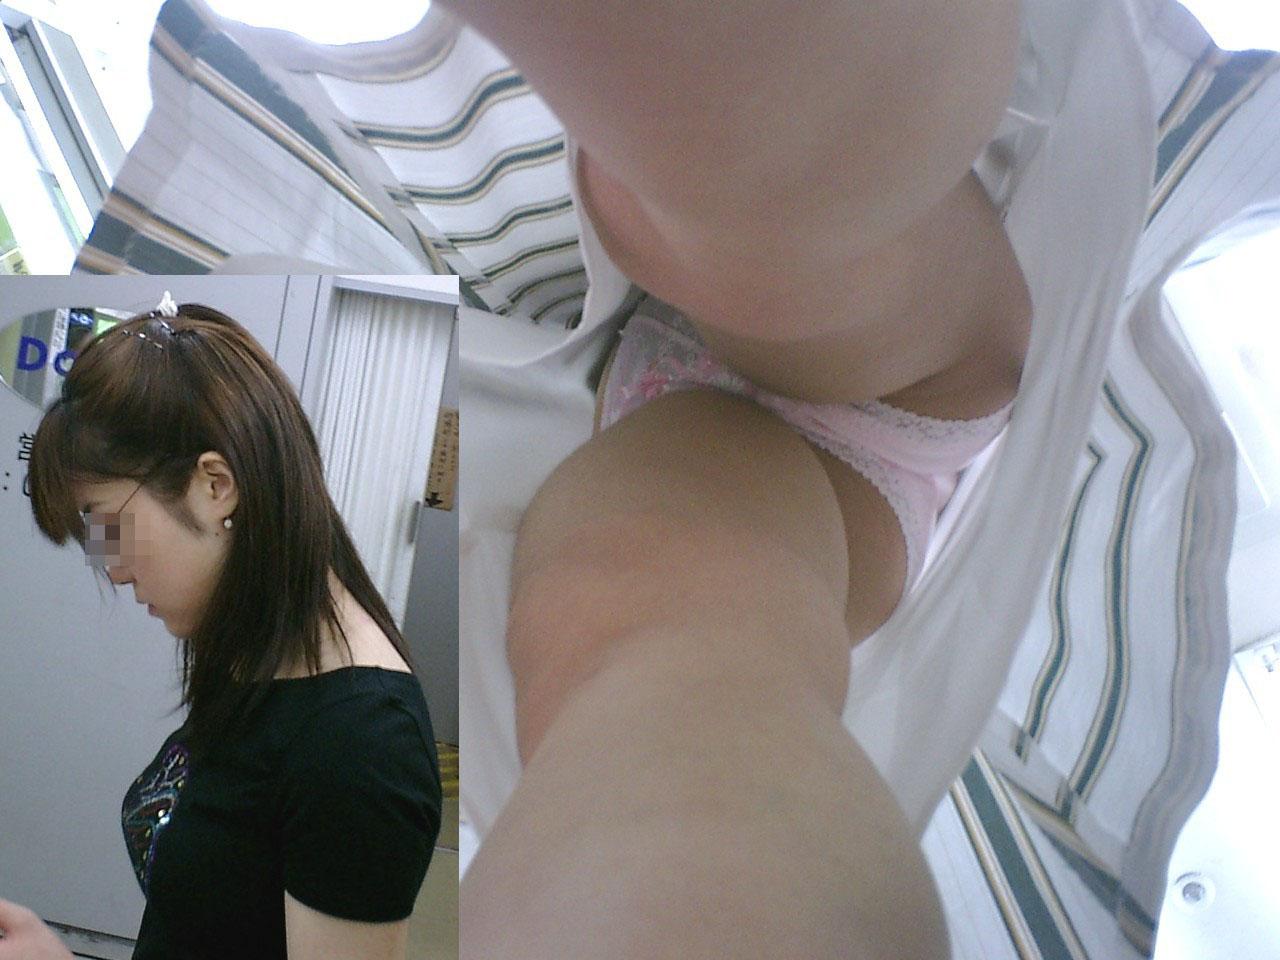 【パンチラエロ画像】大股で立つから…真下より股間の全貌暴く逆さ撮りwww 16